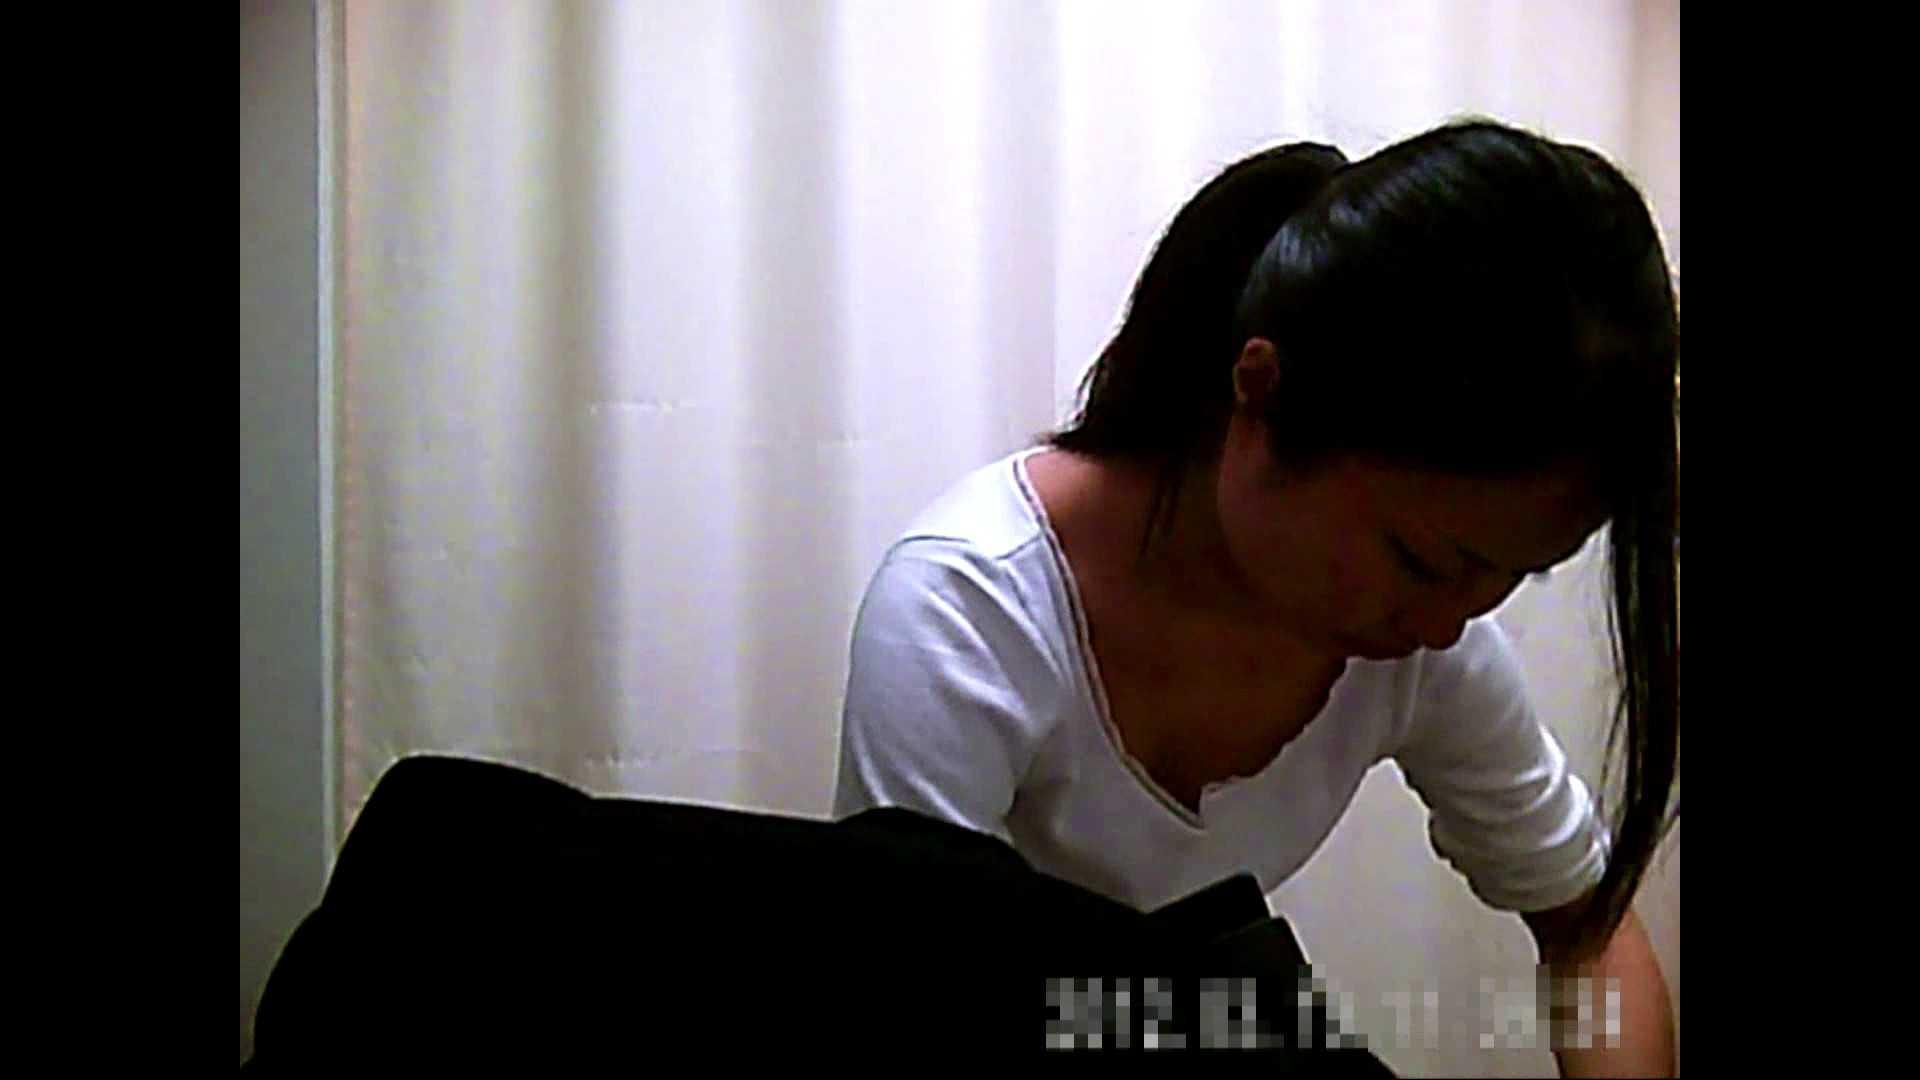 病院おもいっきり着替え! vol.268 OLセックス 盗み撮りオマンコ動画キャプチャ 52画像 37